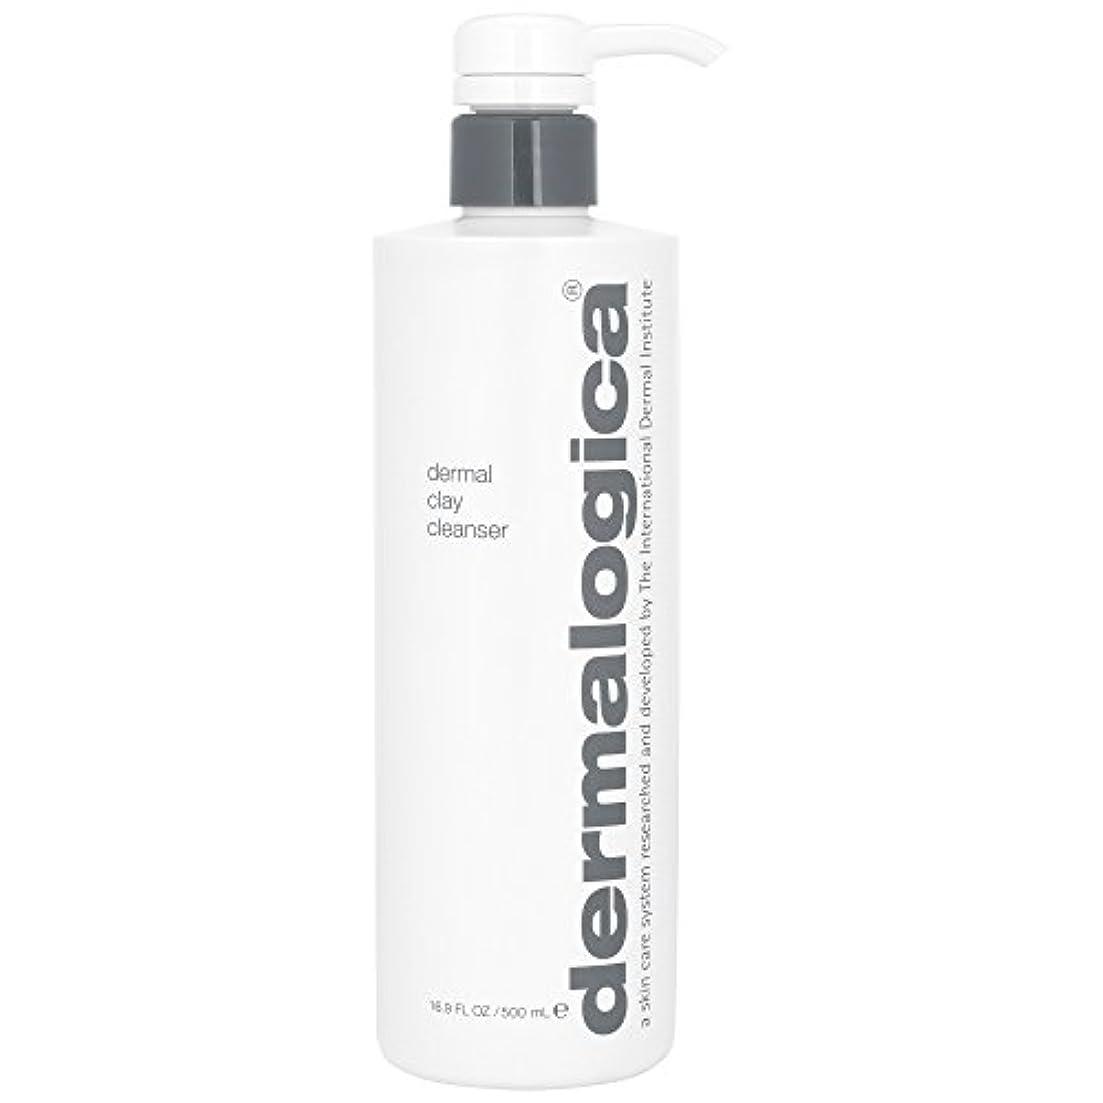 かんがいバンガロー当社ダーマロジカ真皮クレイクレンザー500ミリリットル (Dermalogica) (x2) - Dermalogica Dermal Clay Cleanser 500ml (Pack of 2) [並行輸入品]